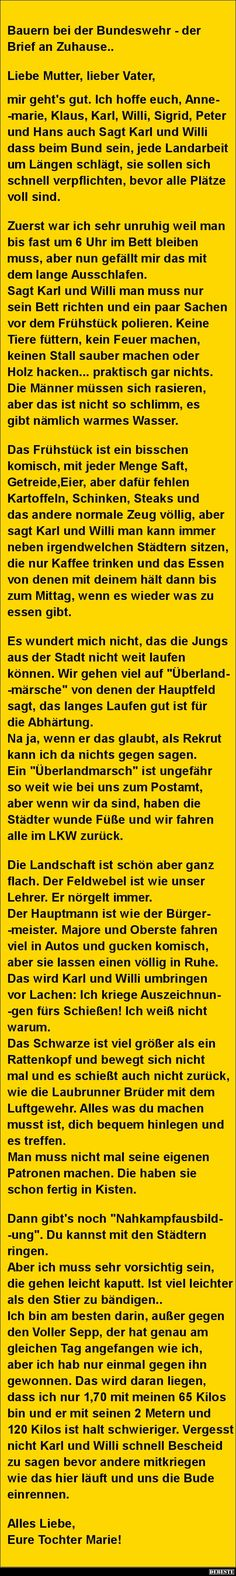 Bauern bei der Bundeswehr - der Brief an Zuhause.. | Lustige Bilder, Sprüche, Witze, echt lustig